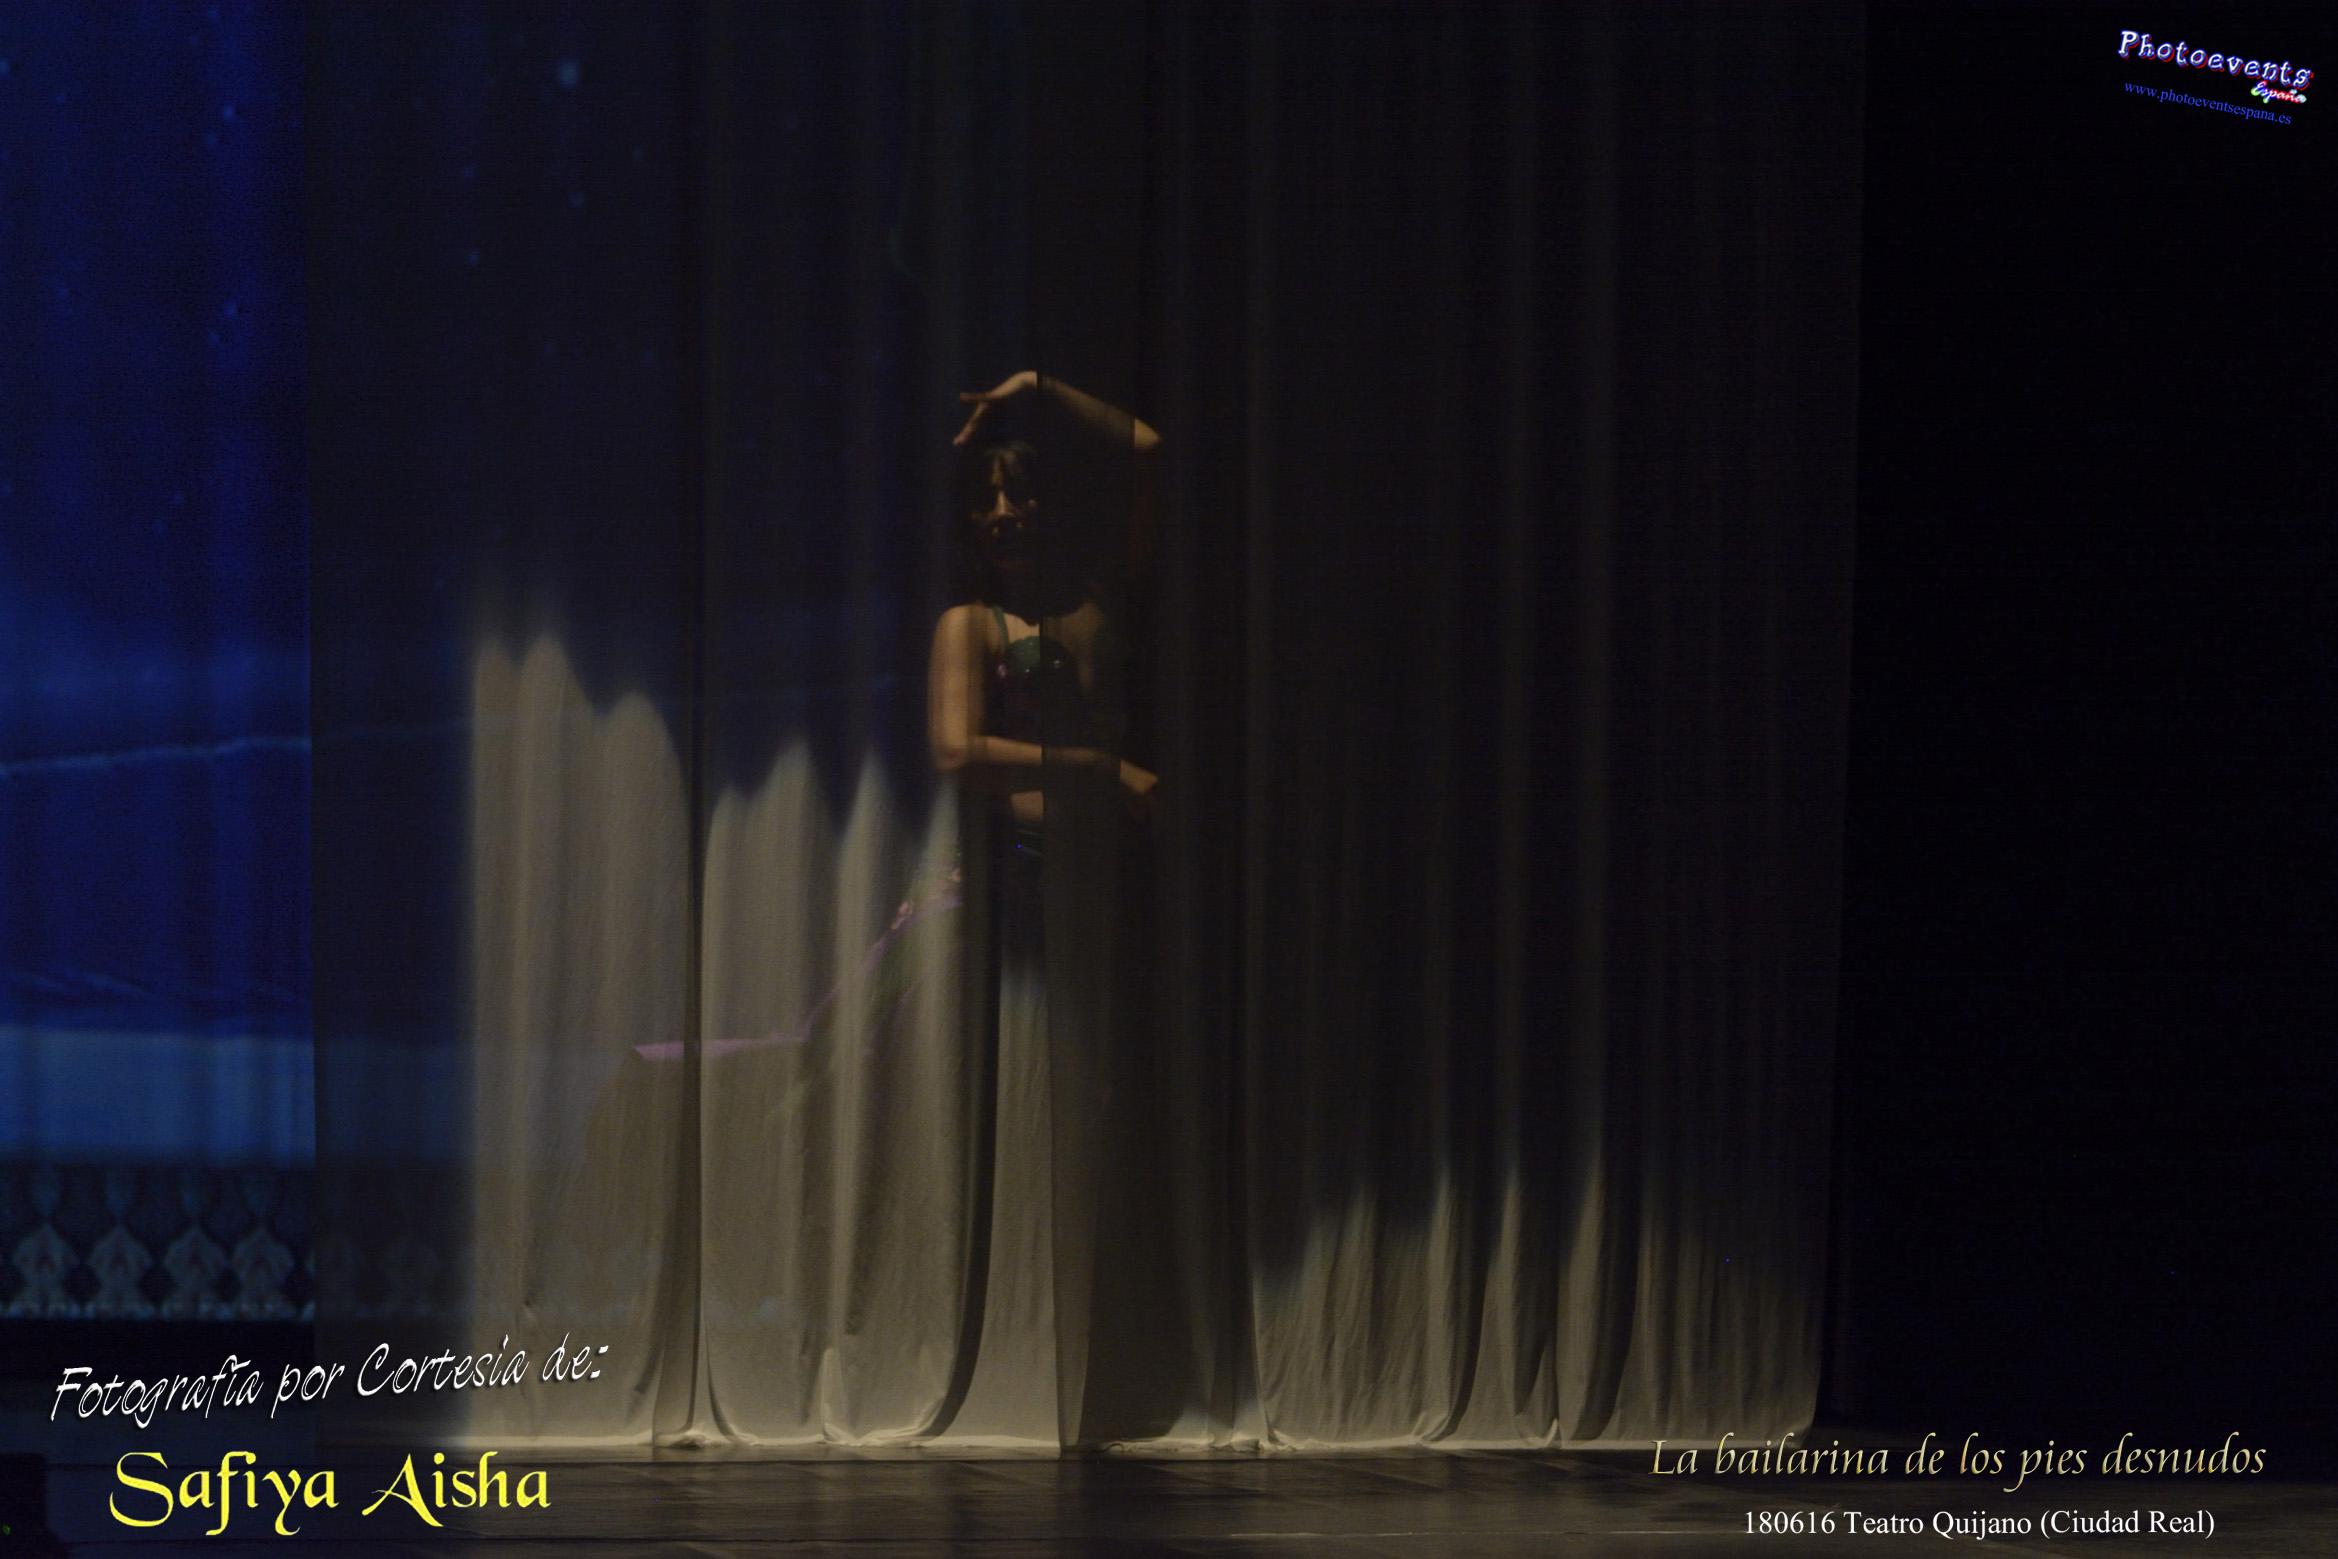 """Fotografía cortesía de Safiya Aisha, realizada durante el espectáculo """"La bailarina de los pies desnudos"""", el pasado día 180616 en el Teatro Quijano de Ciudad Real. © Jesús F. Maestro 2016, fotógrafo acreditado por www.photoeventsespana.es, empresa encargada de la realización del reportaje."""